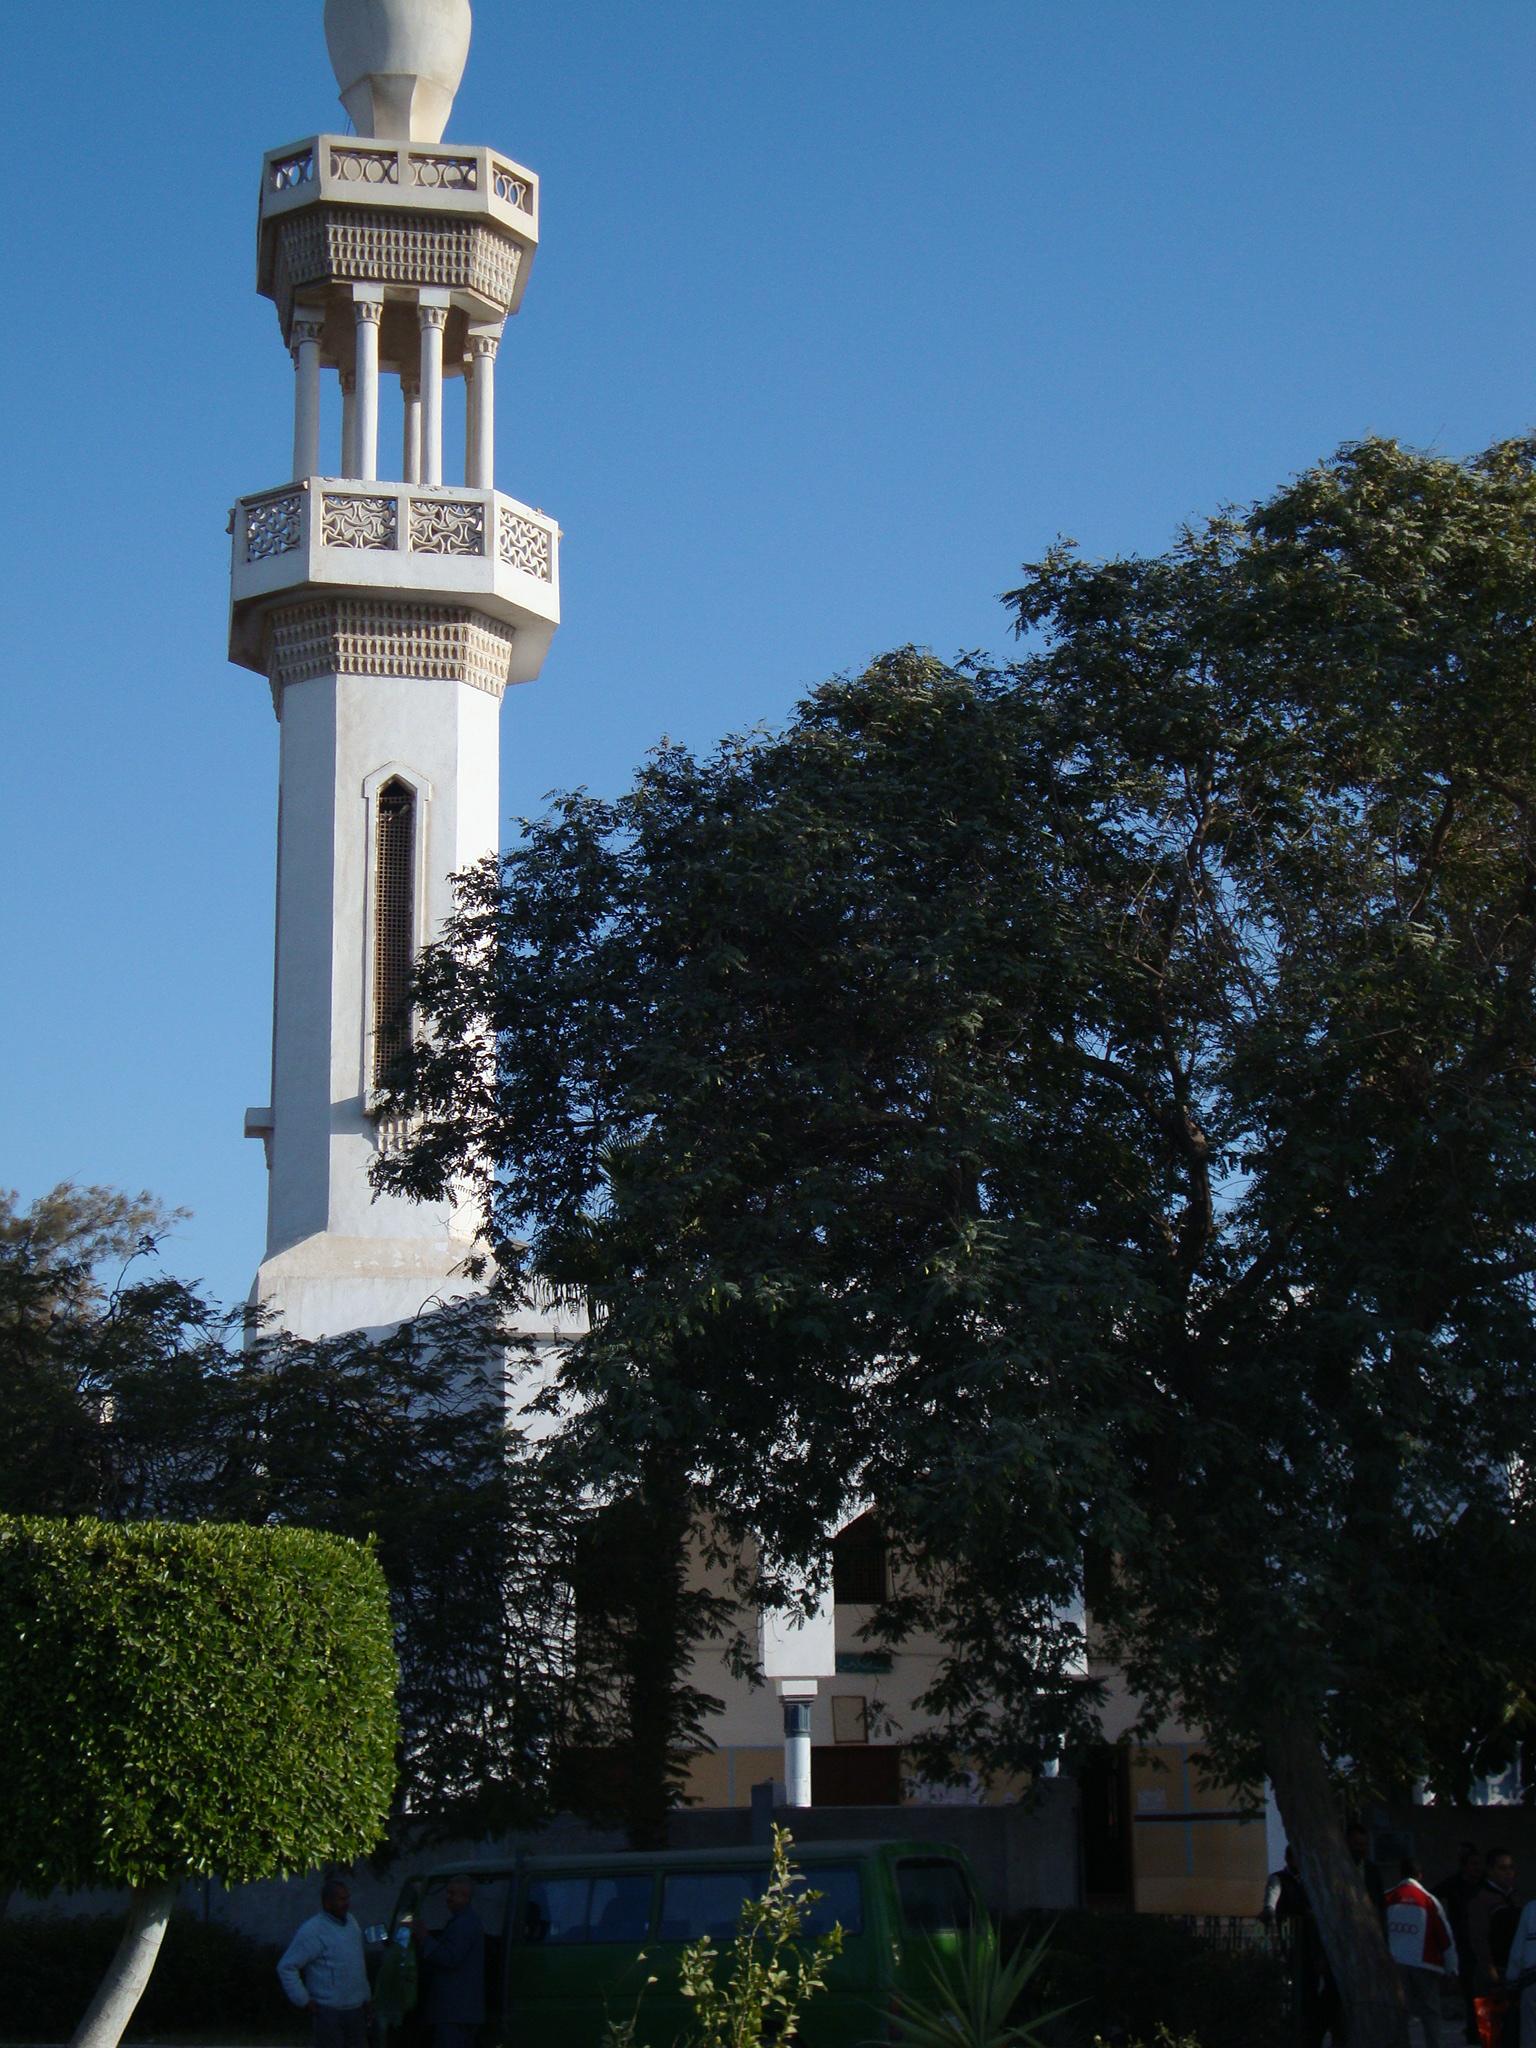 جامعة-المنيا-في-المصر-مسجد-الجامعة